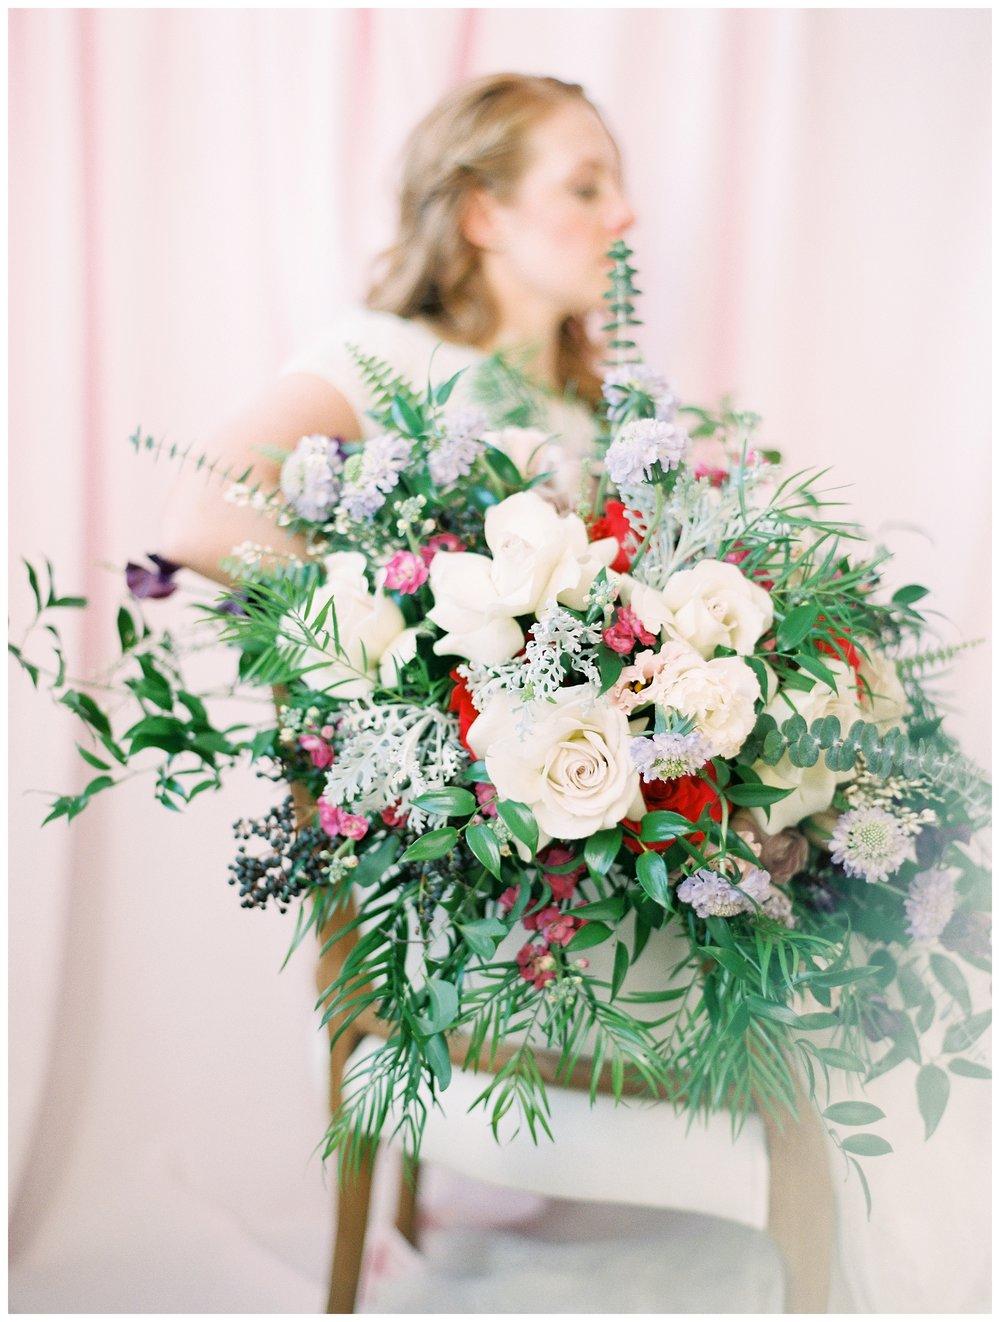 2020_Wedding_Trends_Pantone_0009.jpg